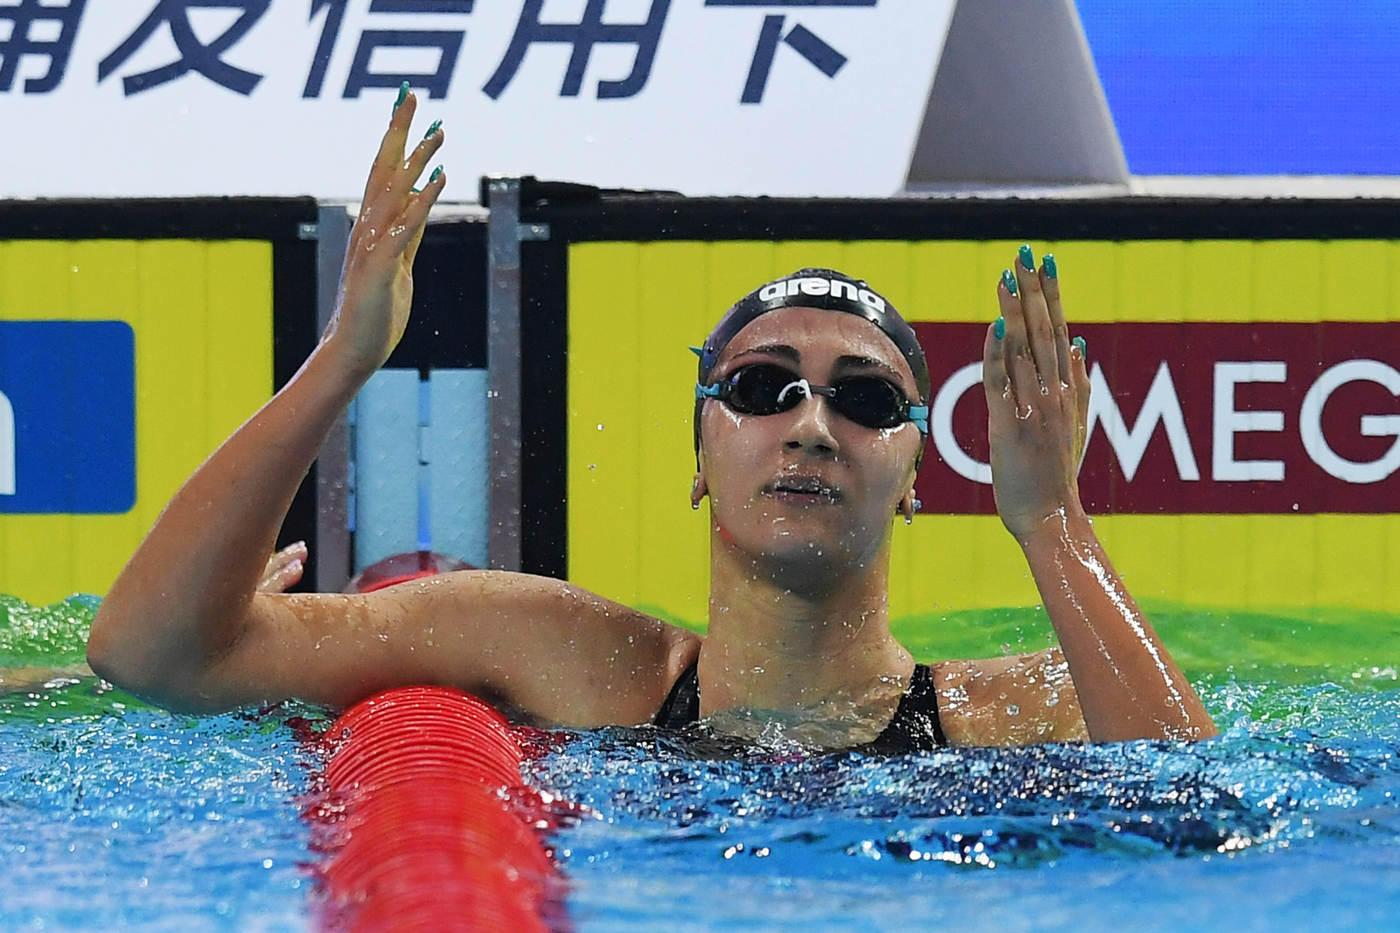 Nuoto, Quadarella argento ai Mondiali in vasca corta